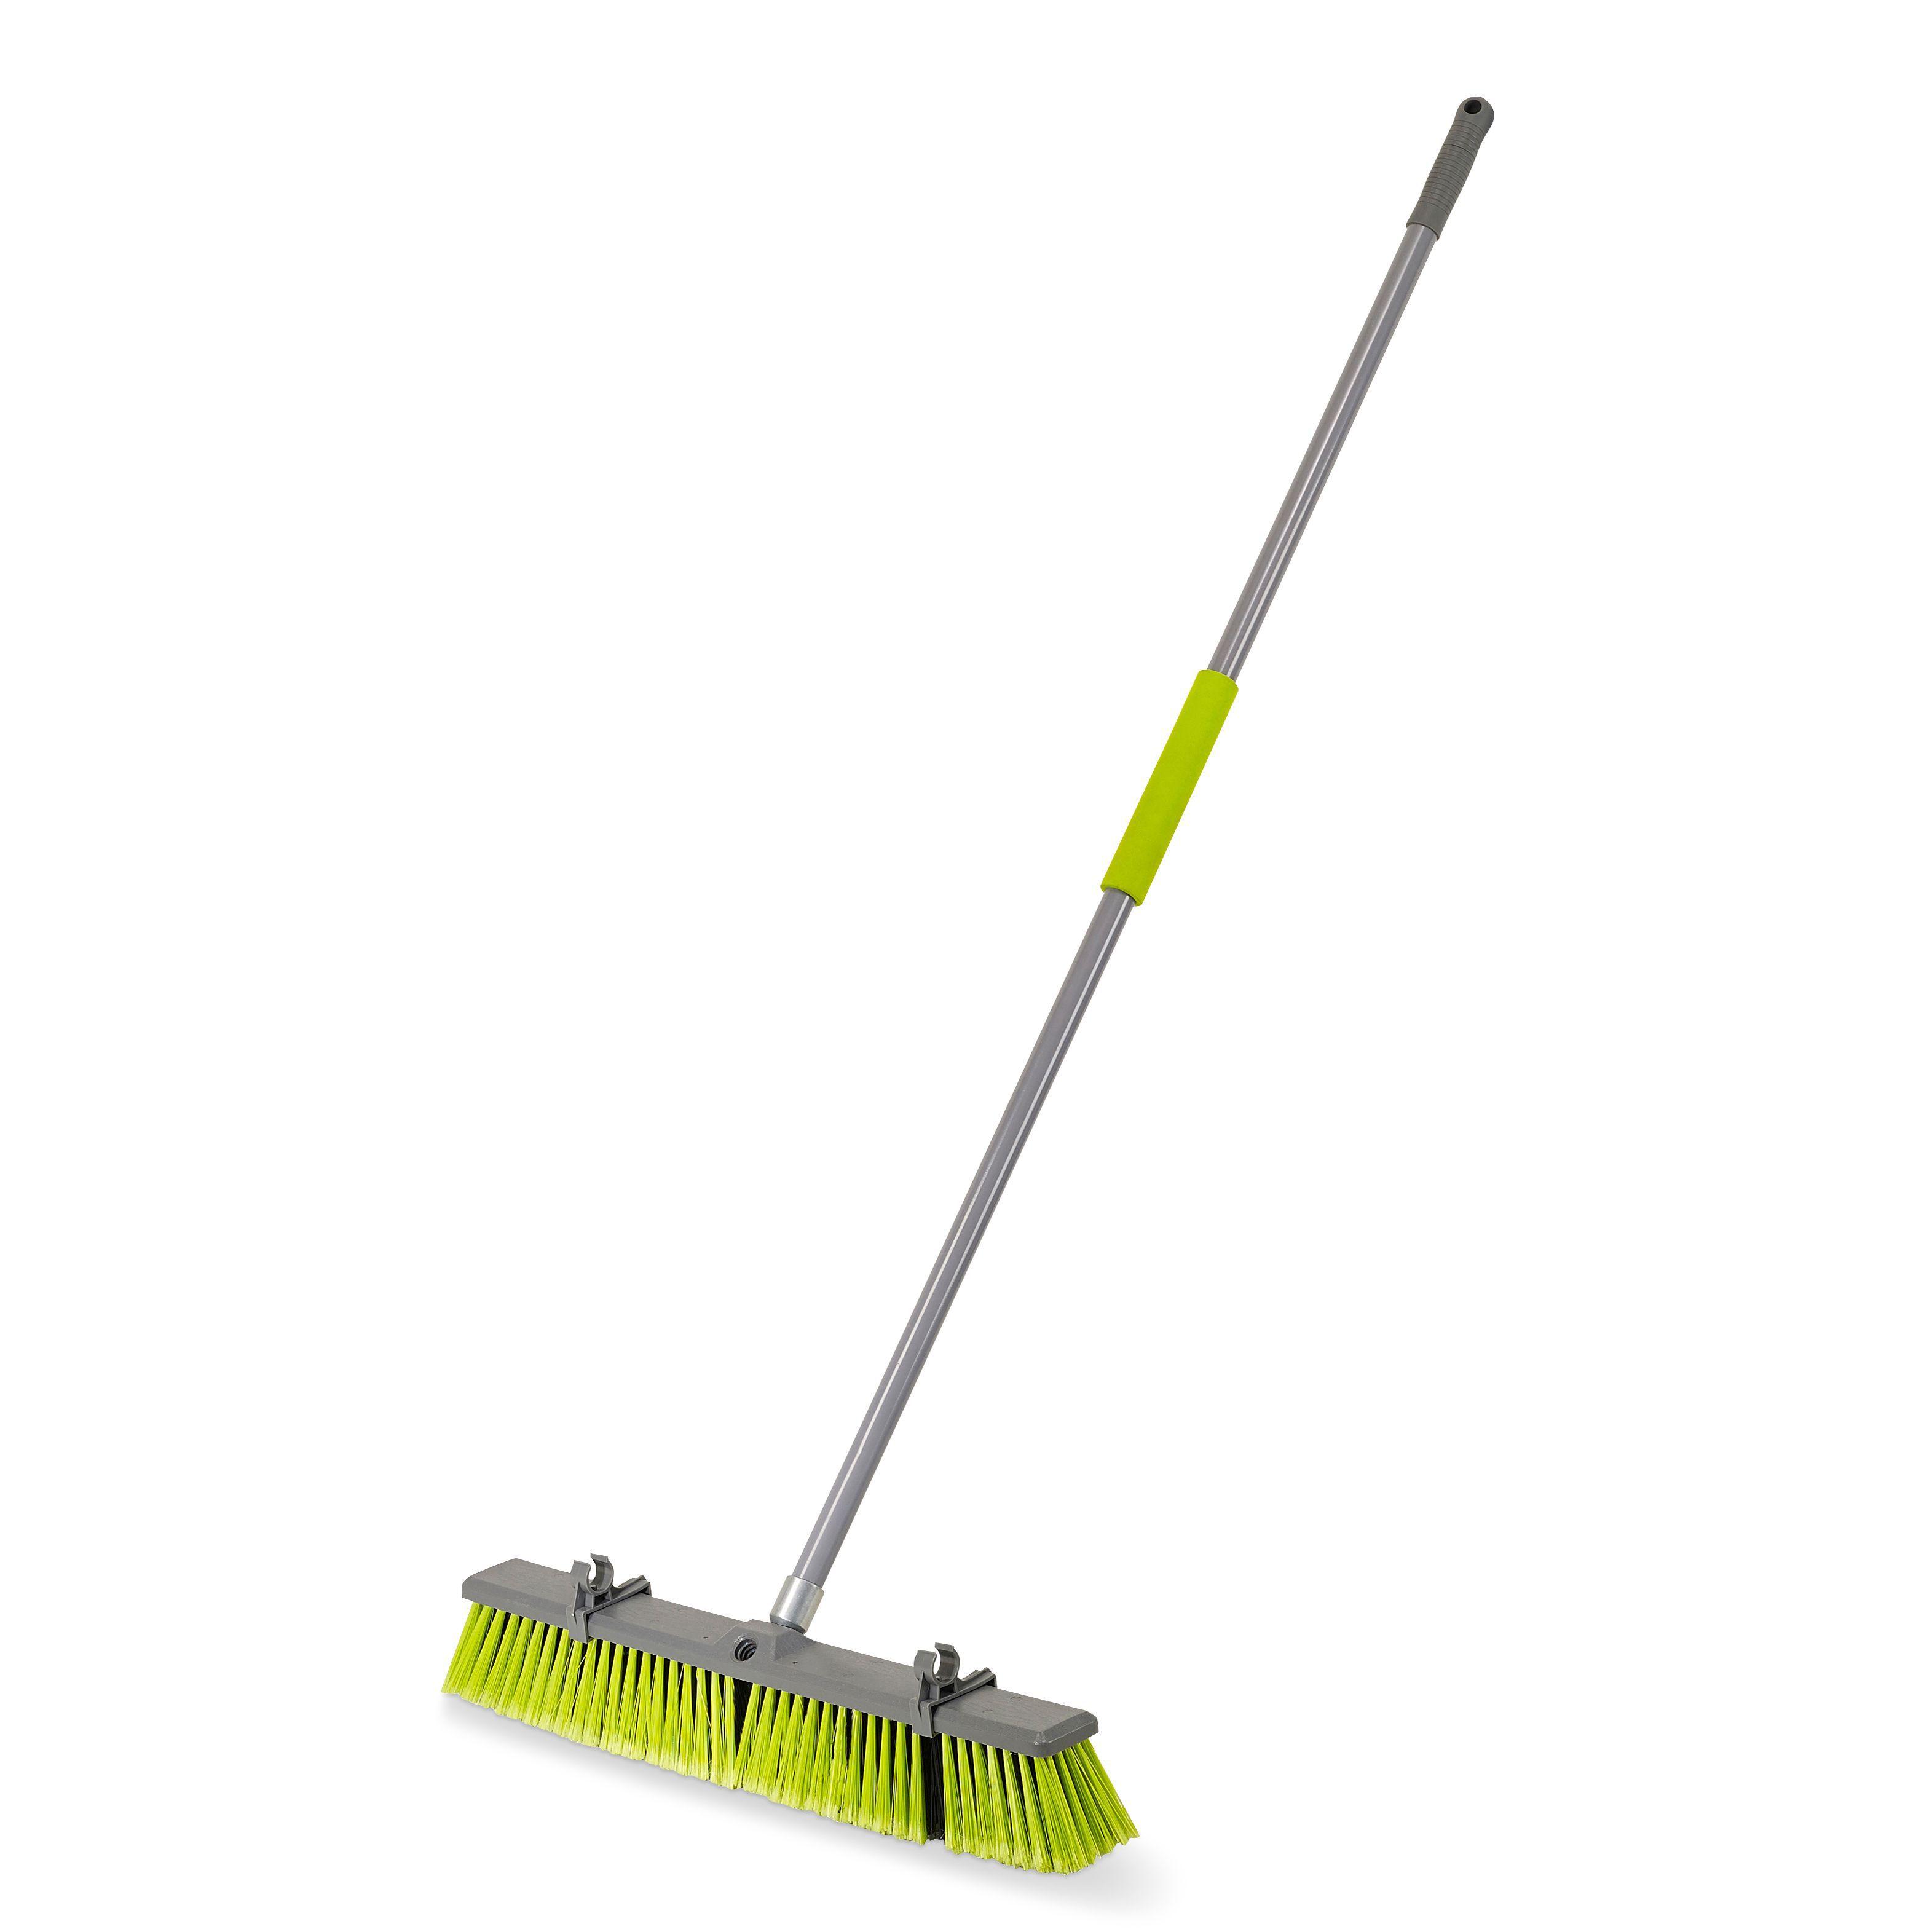 Verve Broom W 600mm Departments Diy At B Amp Q